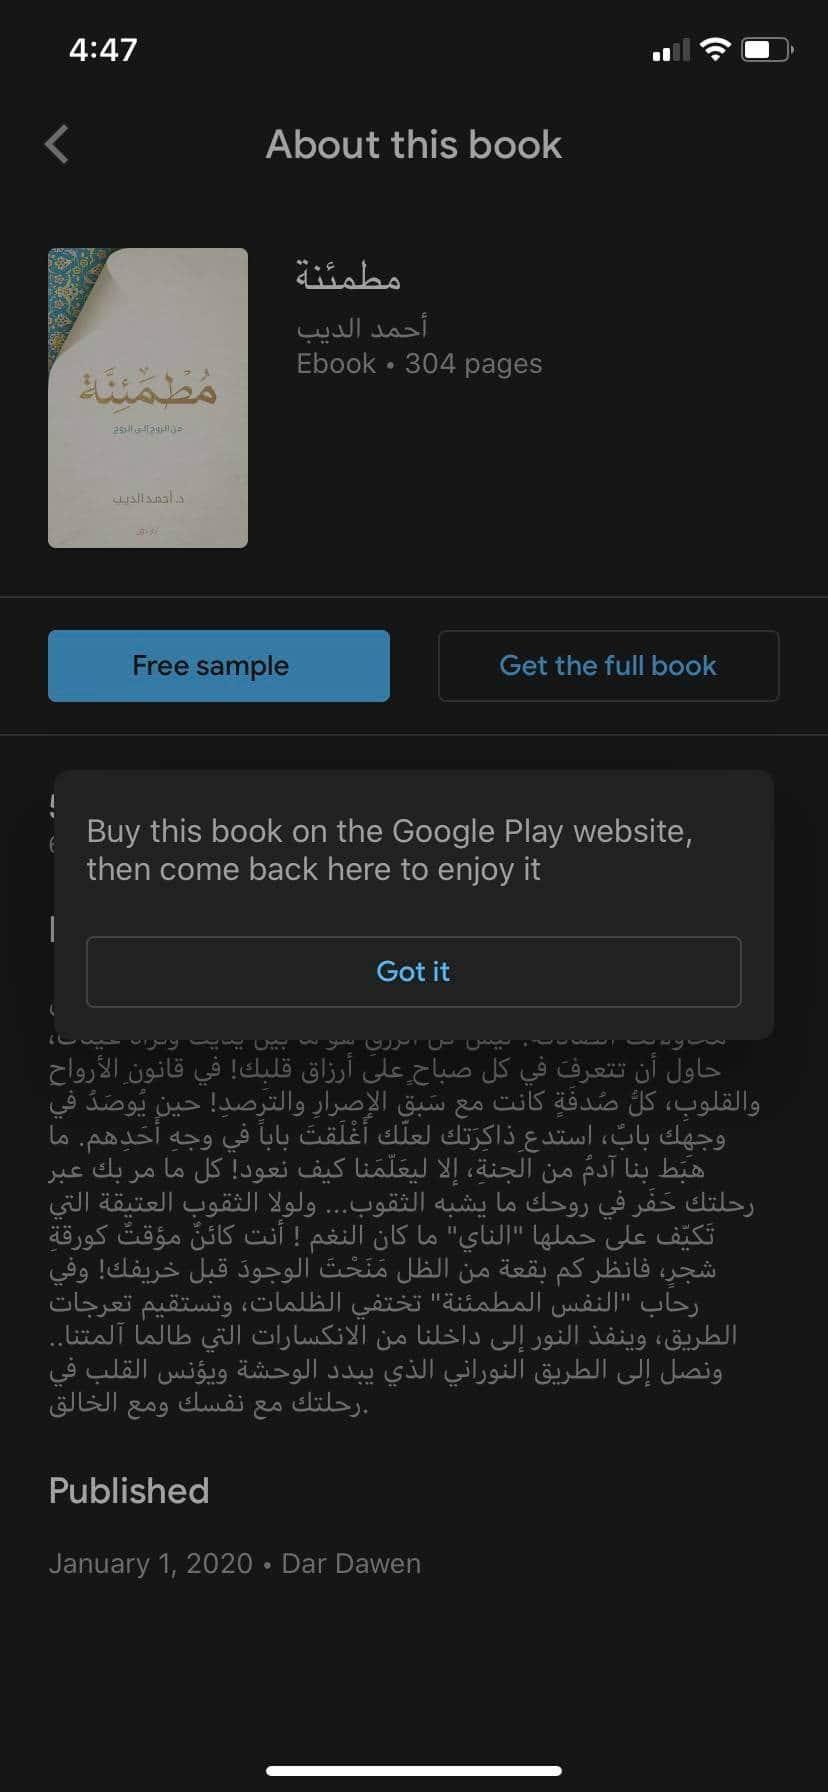 بحث متقدم في كتب جوجل